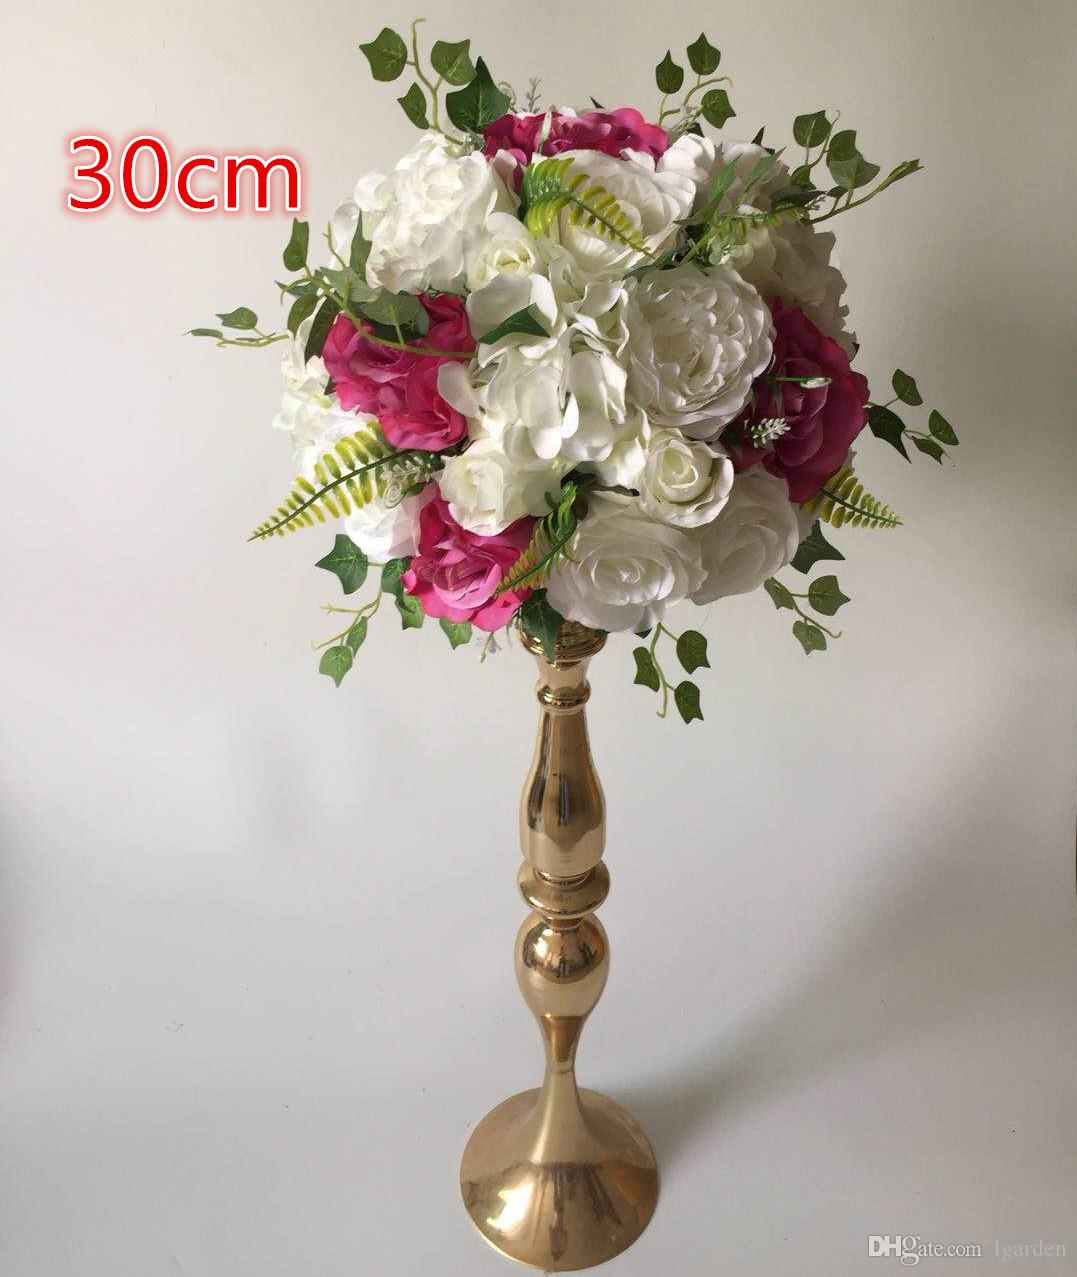 Plante artificielle en soie rose table centre fleur pour arche de mariage carré gazebo coin décoration